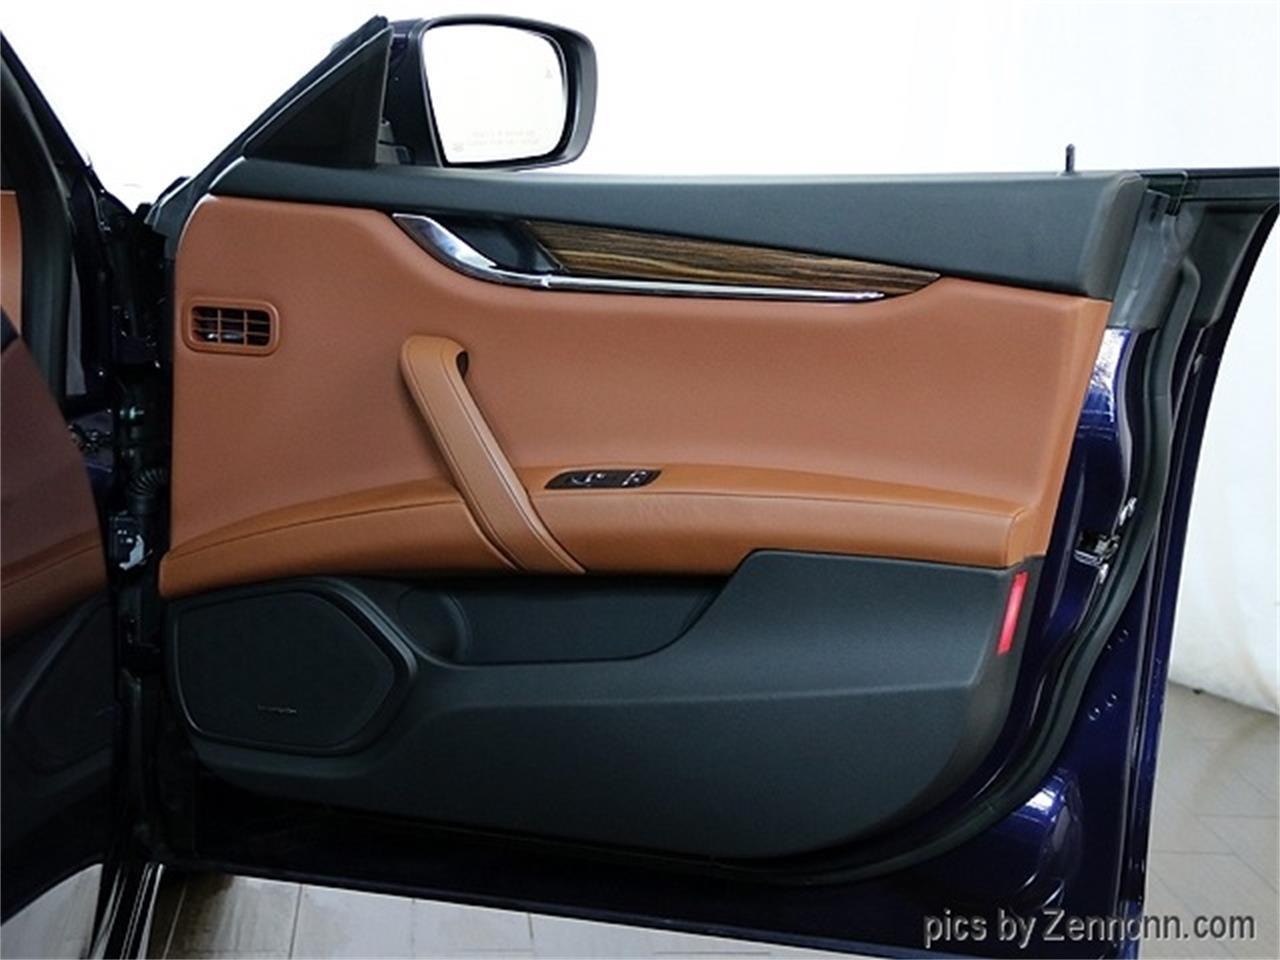 2016 Maserati Quattroporte (CC-1263249) for sale in Addison, Illinois